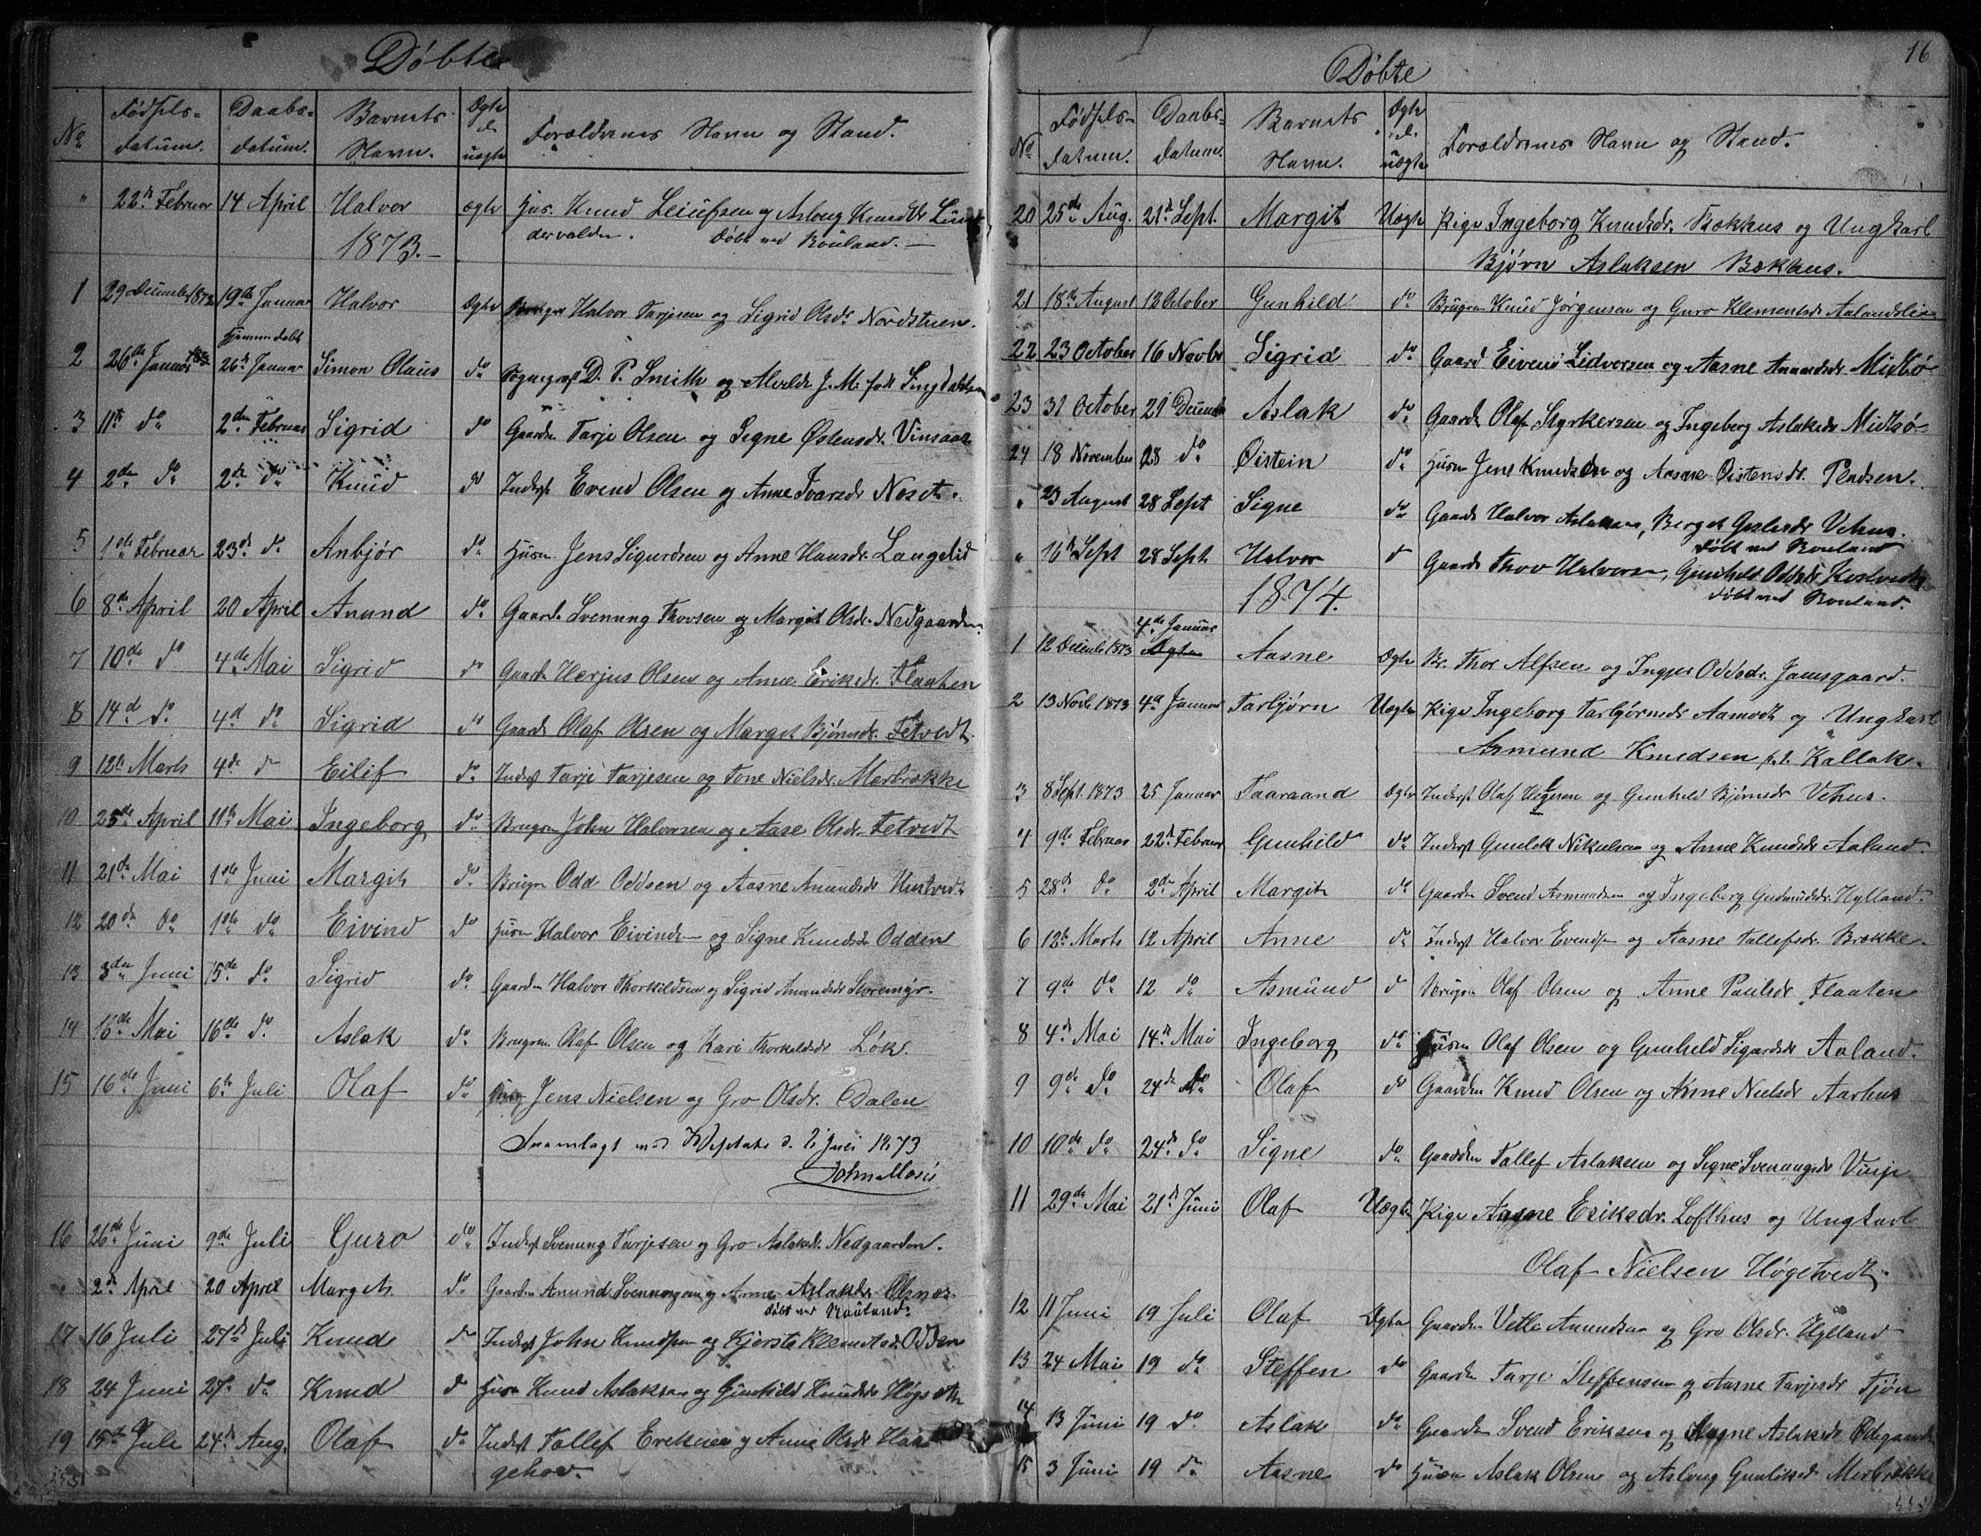 SAKO, Vinje kirkebøker, G/Ga/L0002: Klokkerbok nr. I 2, 1849-1893, s. 16